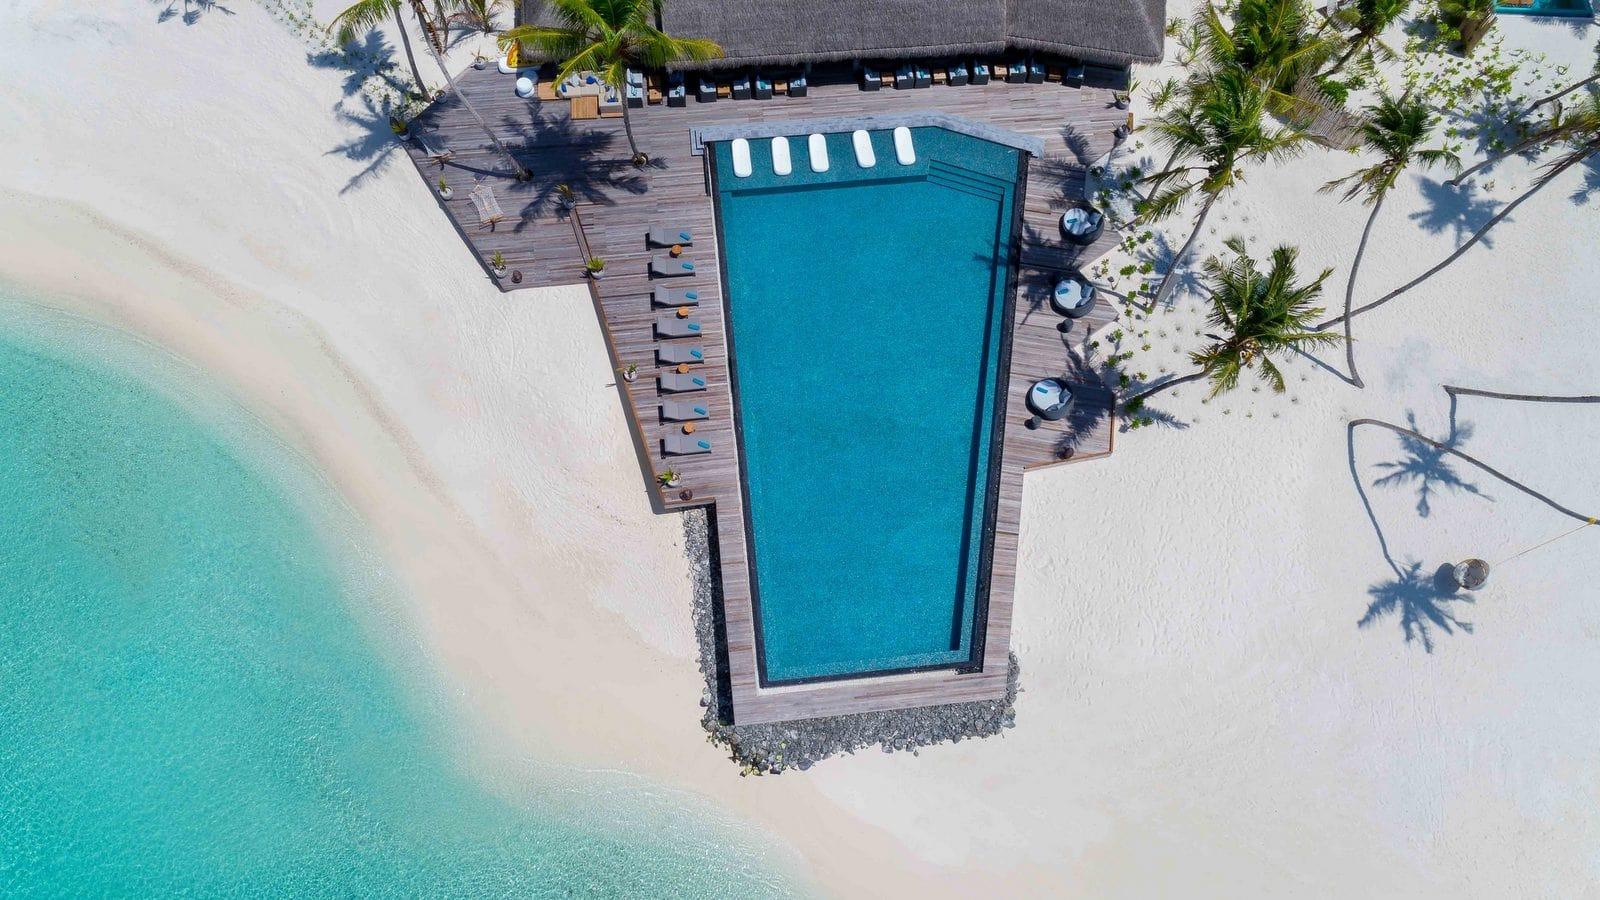 Мальдивы, отель Fushifaru Maldives, бассейн